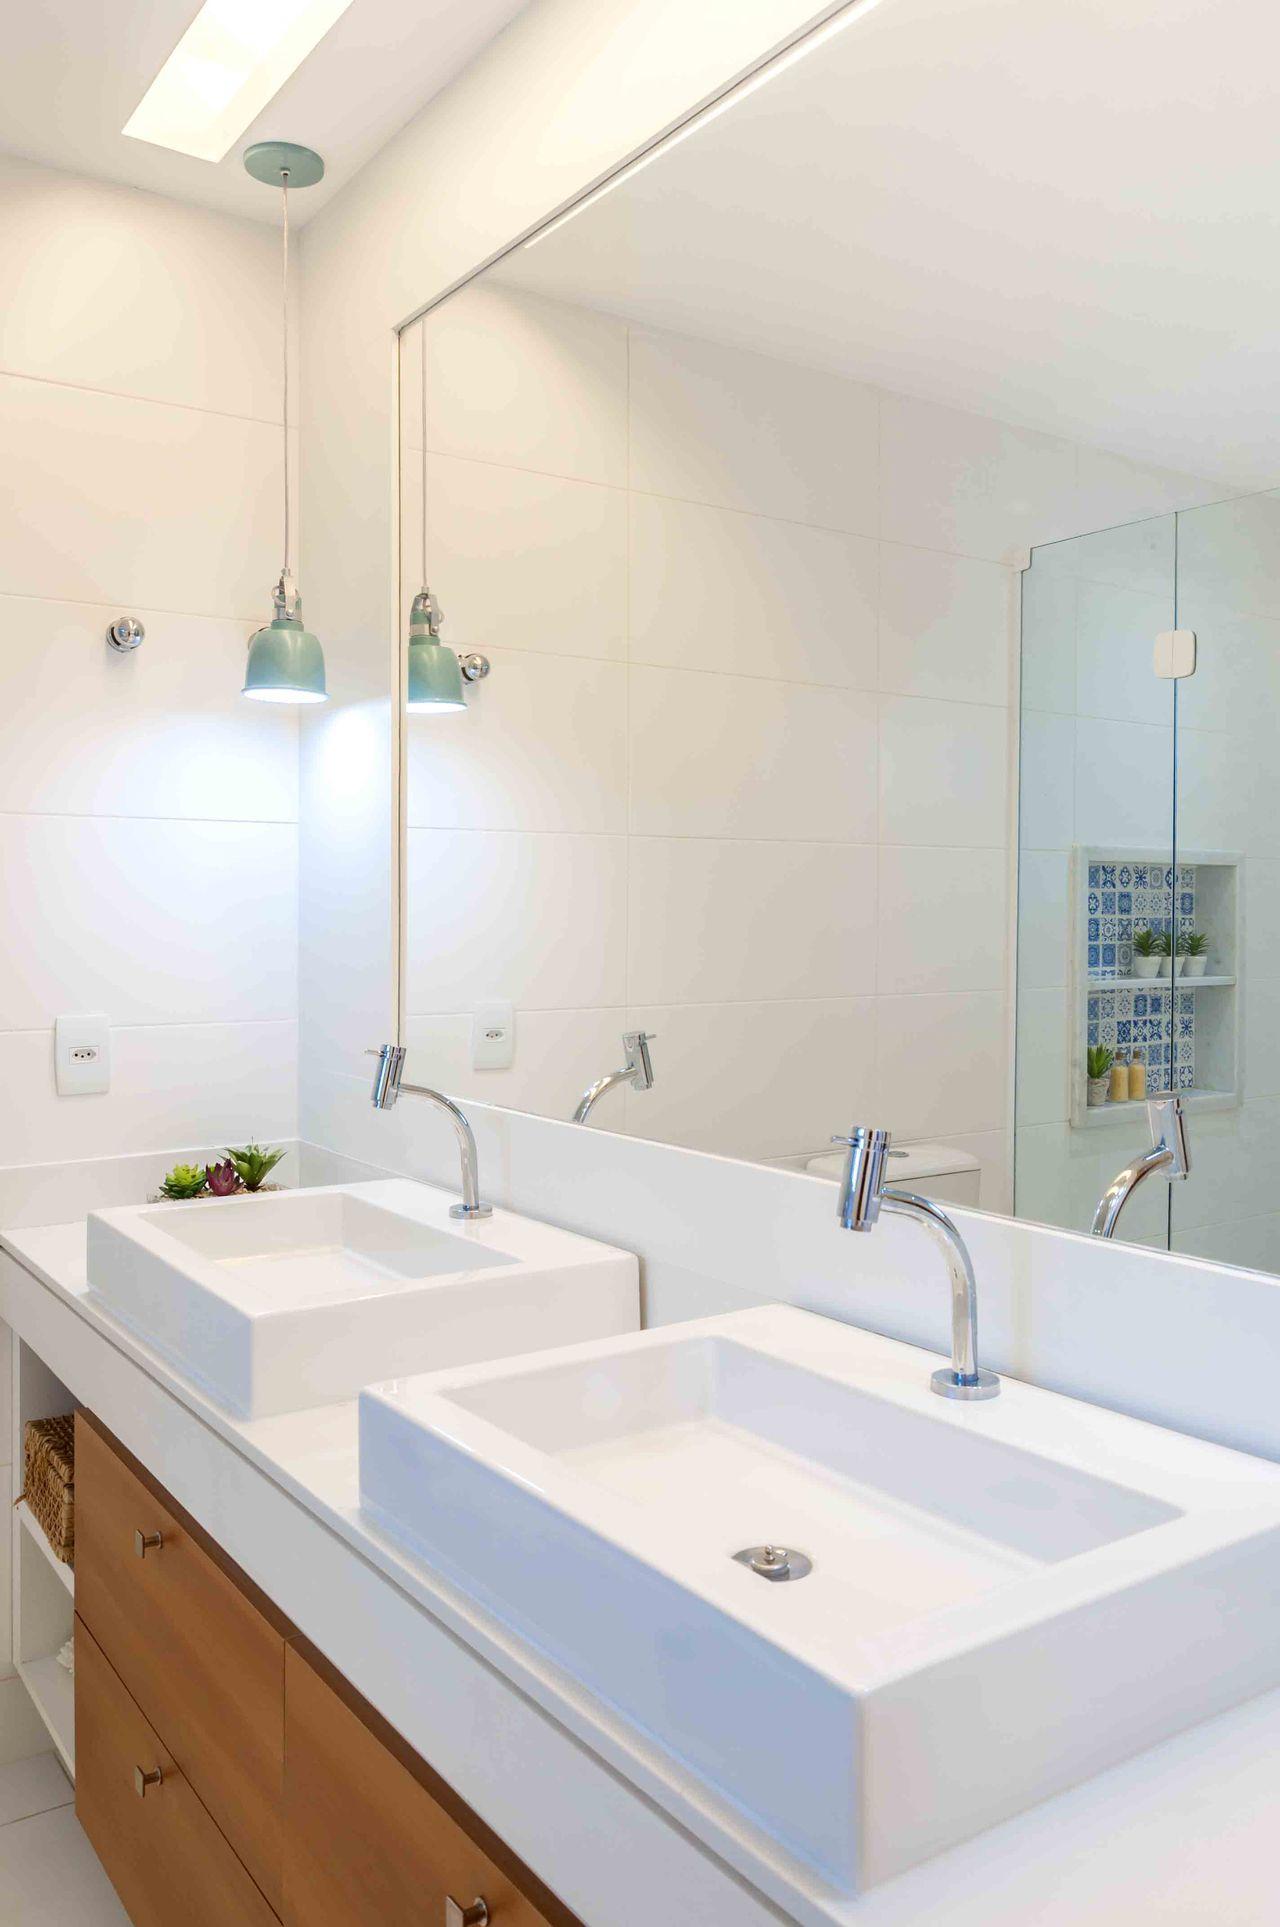 7ccbba7850 Decoração Banheiro simples Banheiro om duas cubas avnerposner 178730